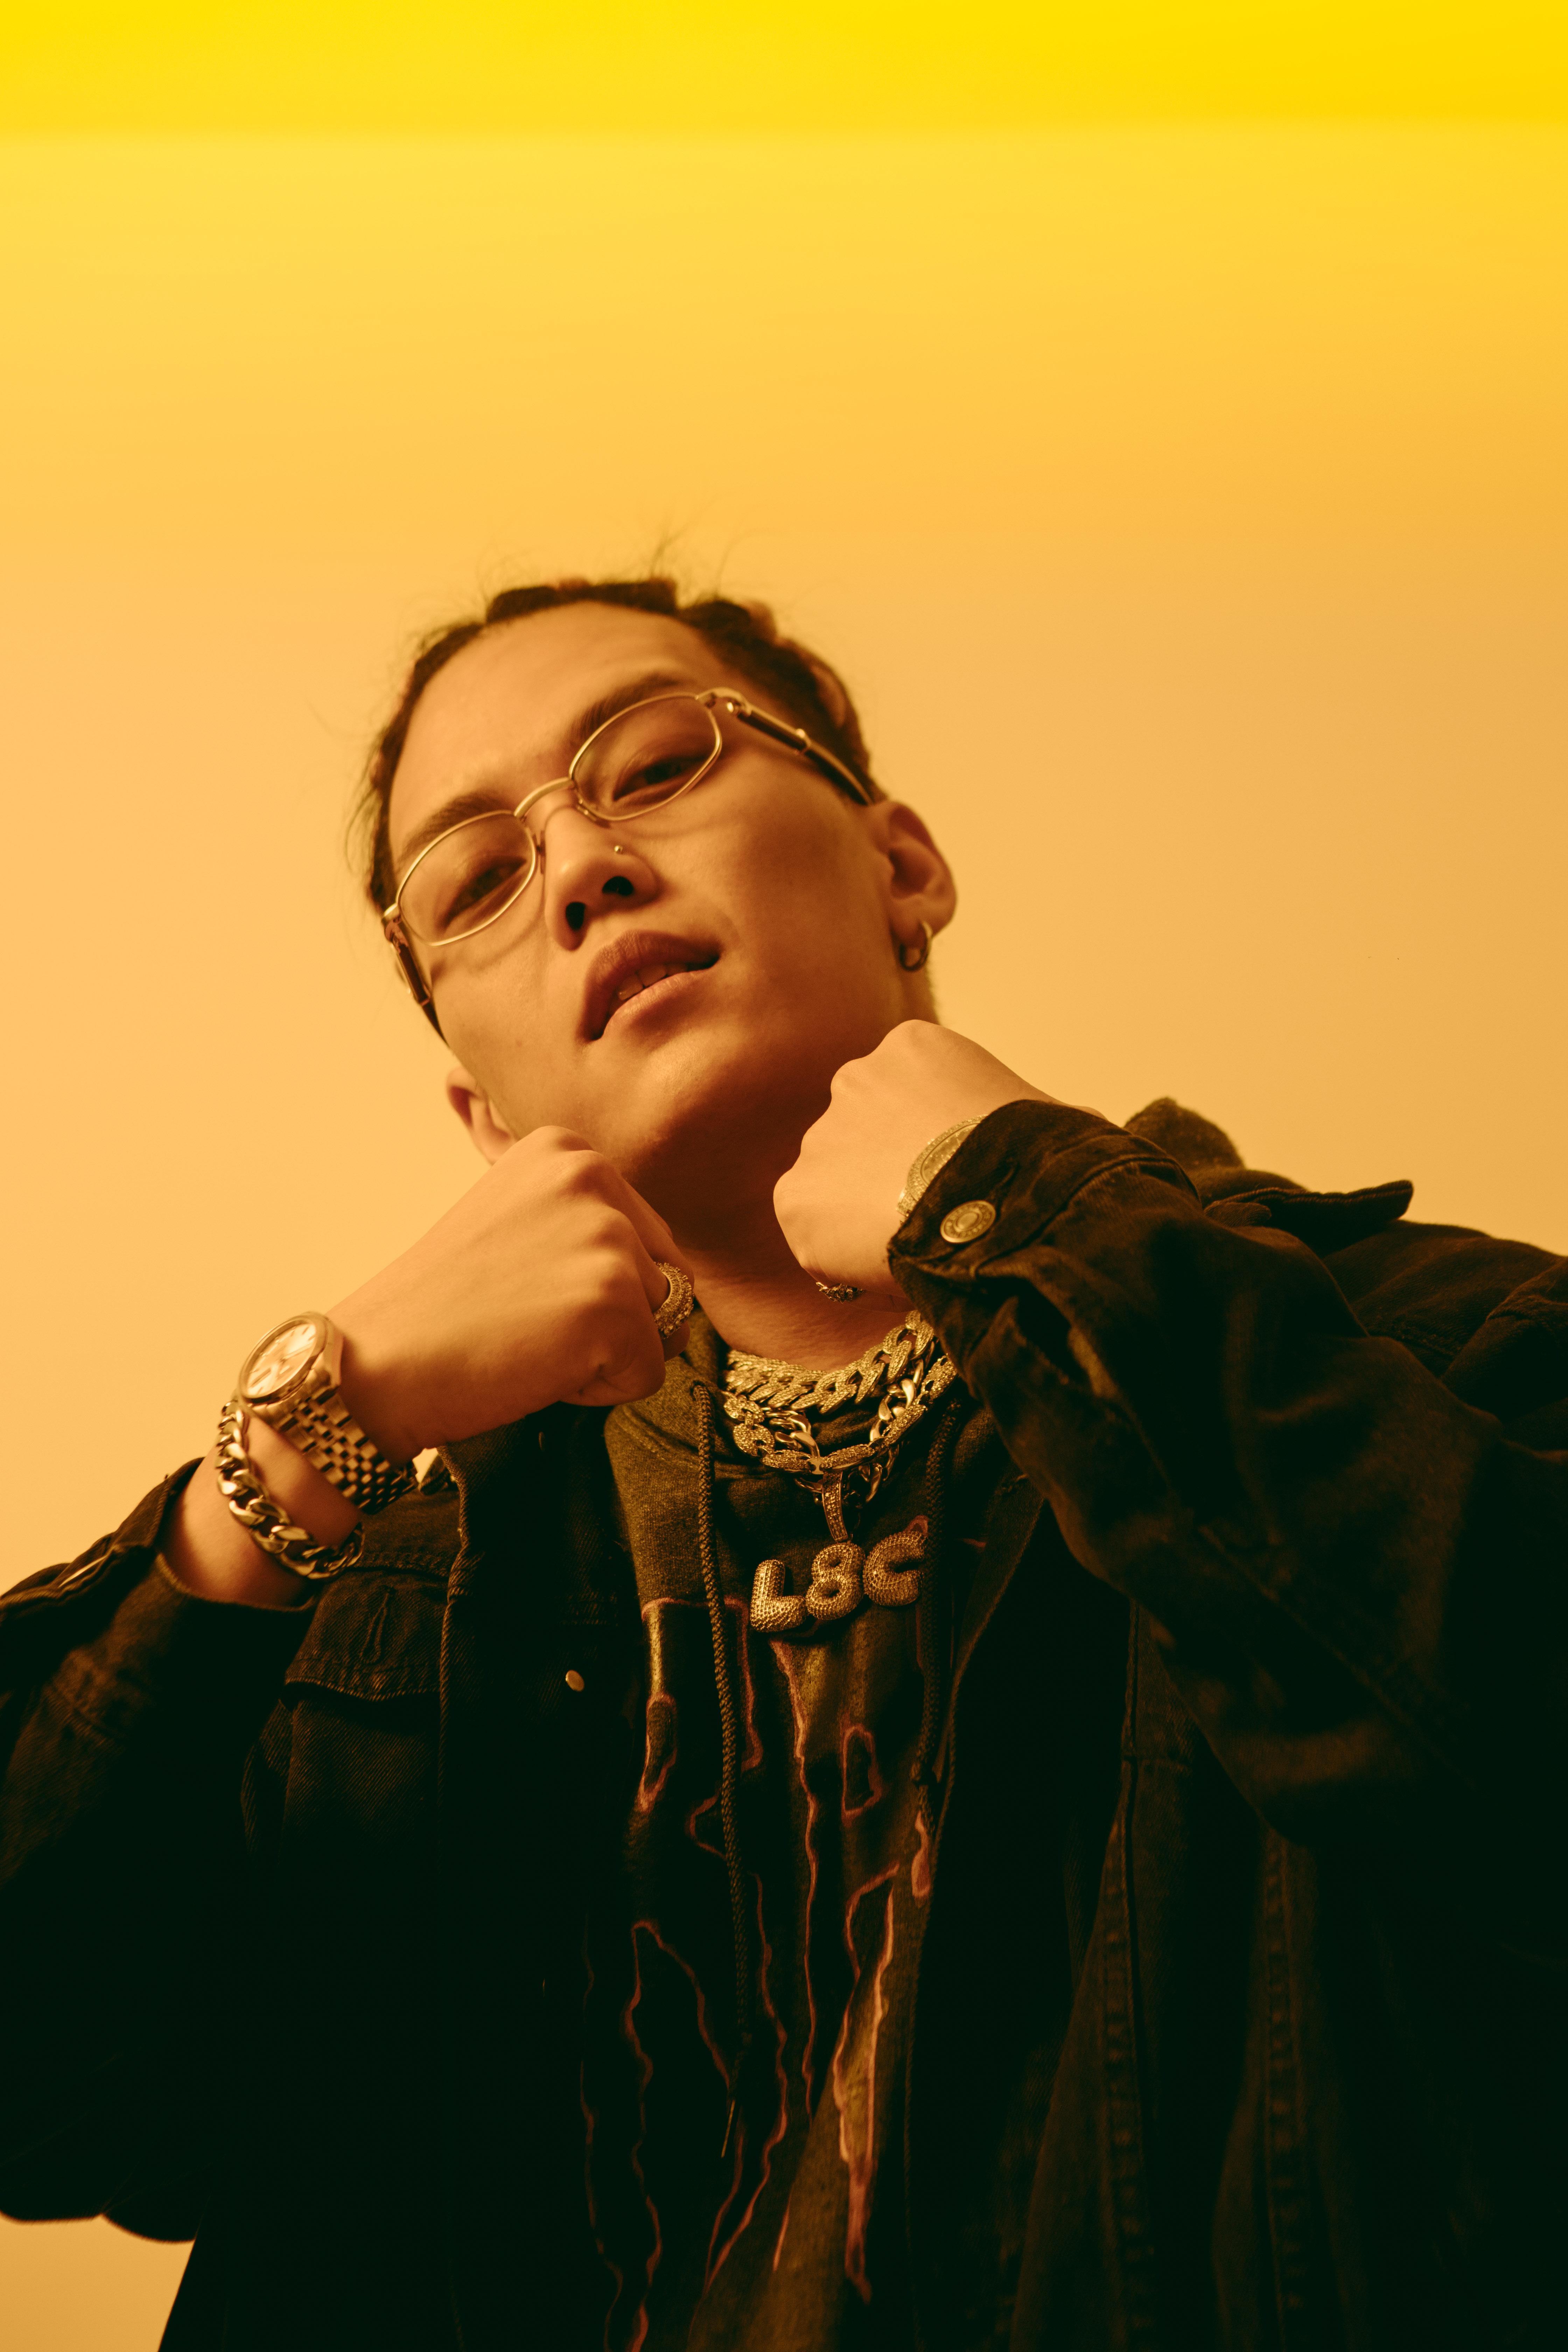 2020新年後再一場嘻哈大串燒!影像品牌BROYA ICEBOX攜新血刮起新潮流 6